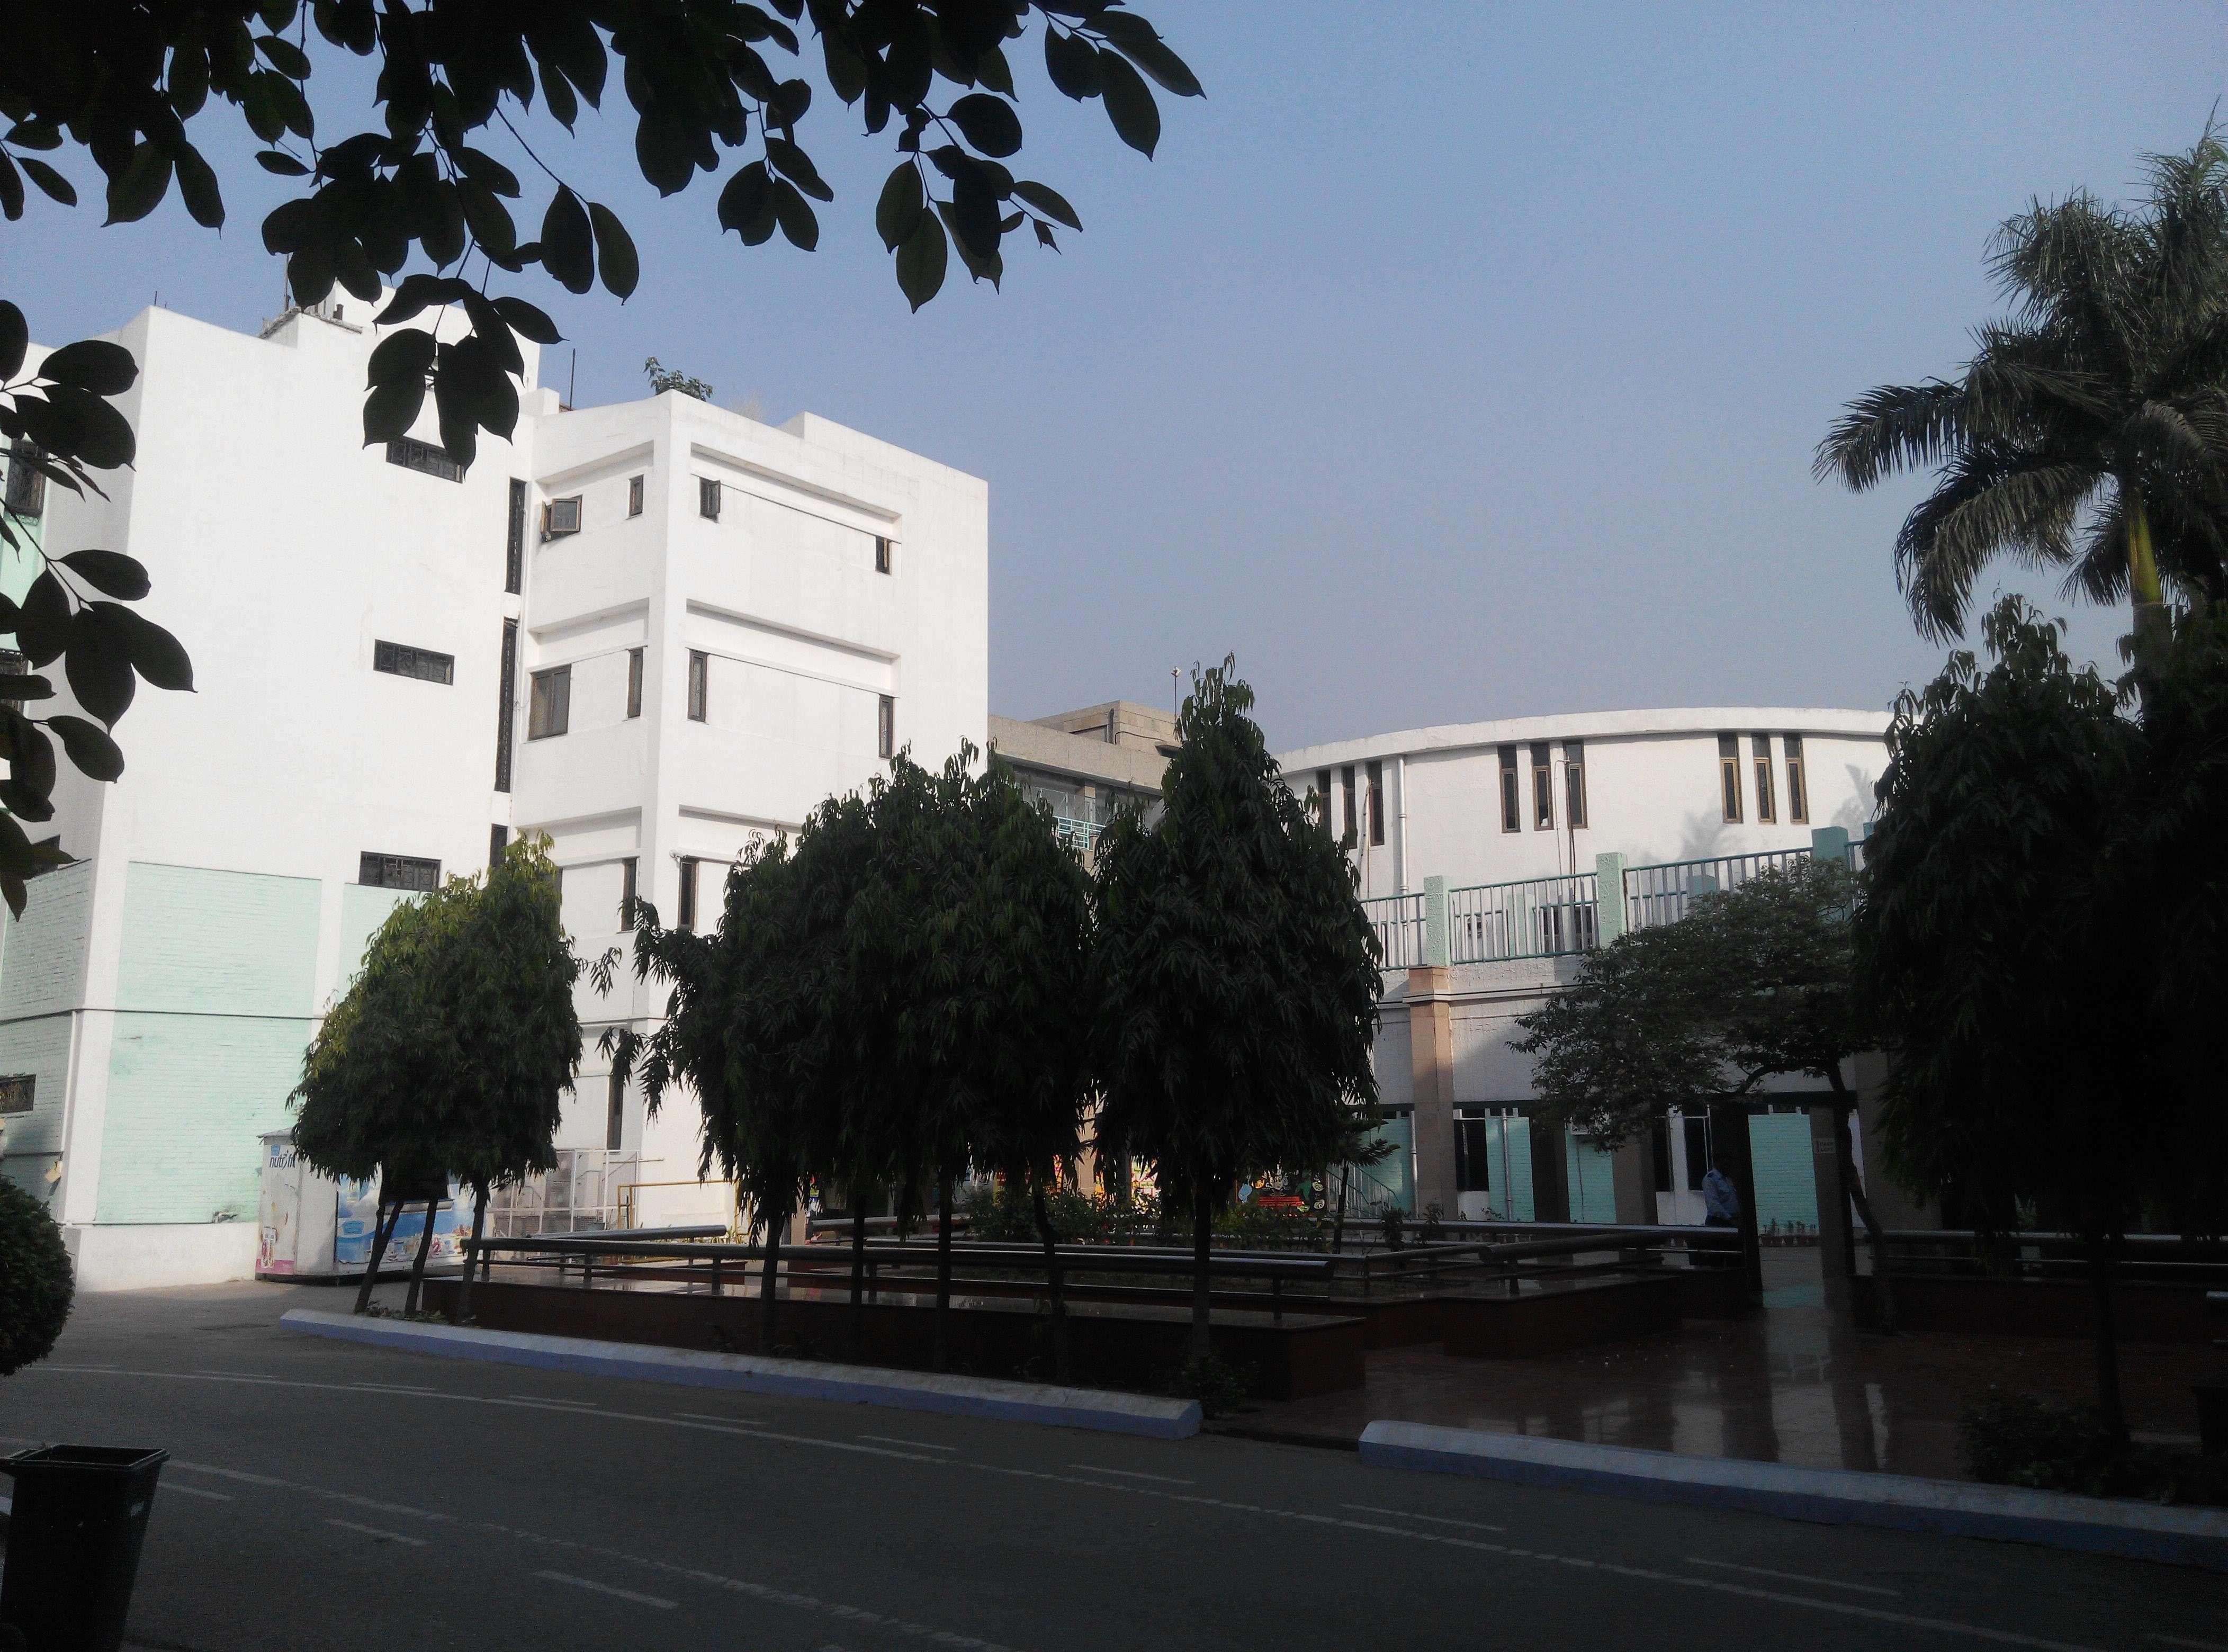 DELHI PUBLIC SCHOOL SECTOR XII R K PURAM NEW DELHI 2730017